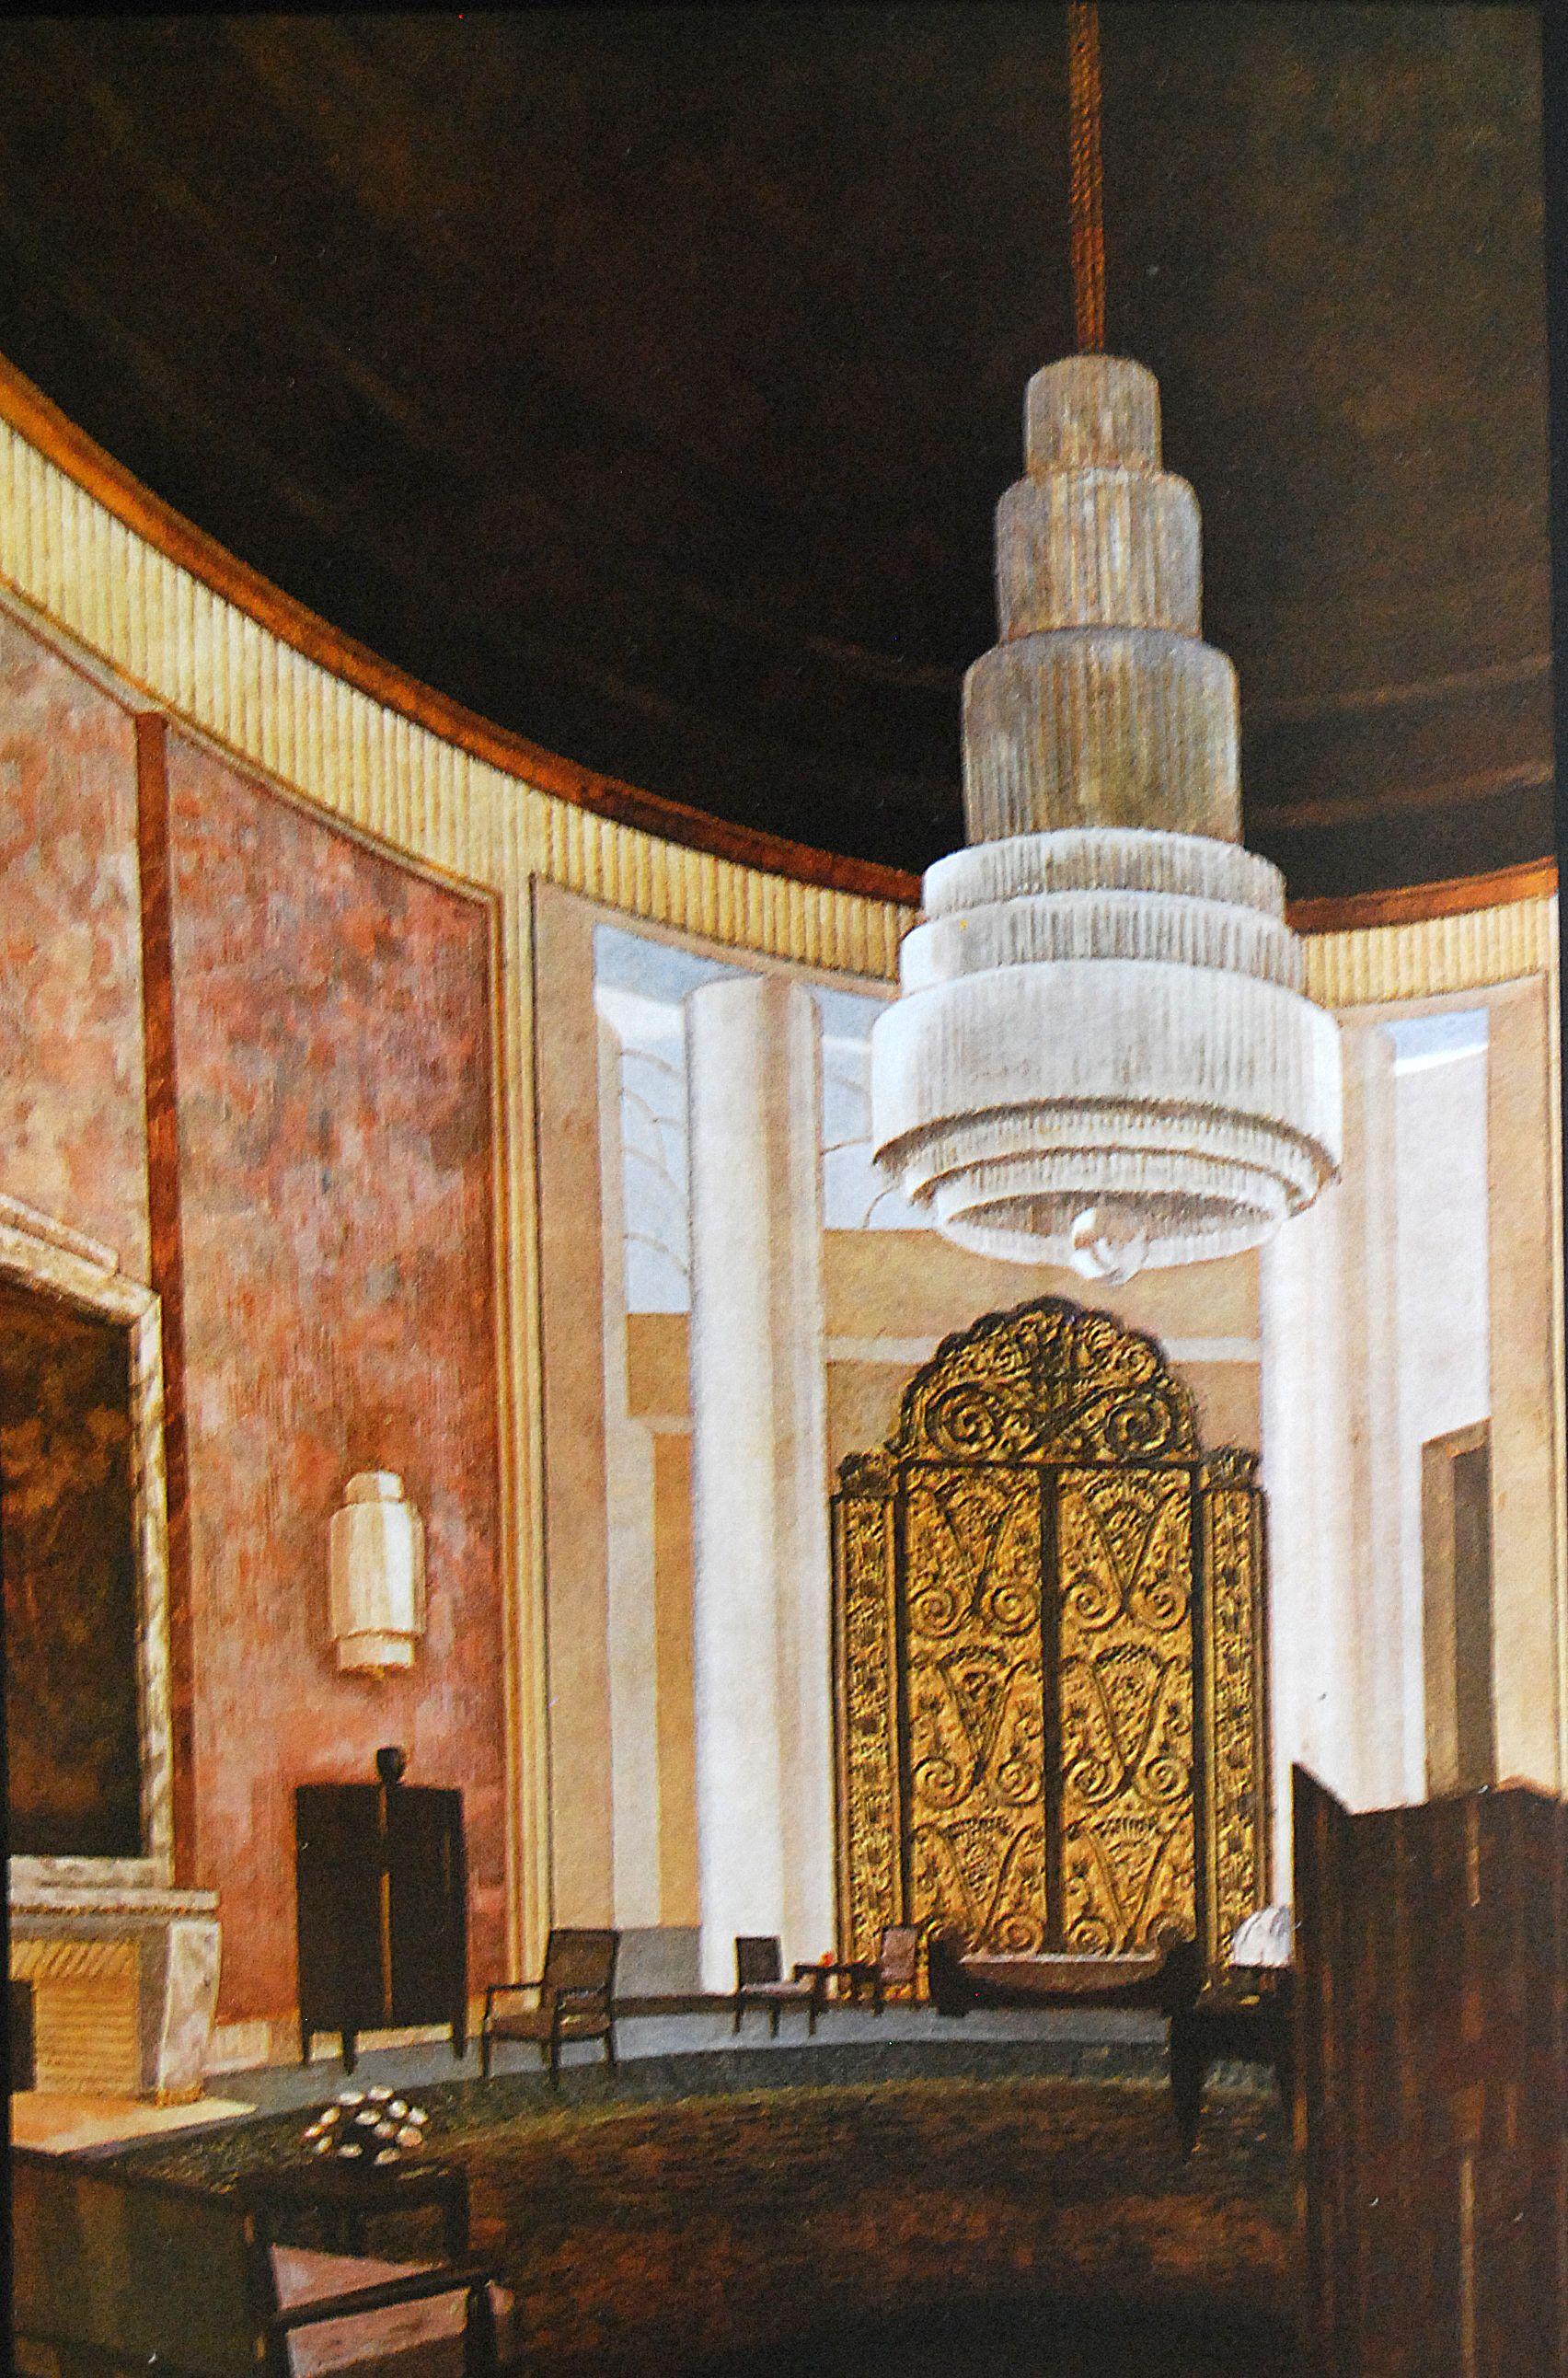 The grand salon of emile jacques ruhlmann 39 s hotel du collectionneur pavil - Hotel art deco paris ...